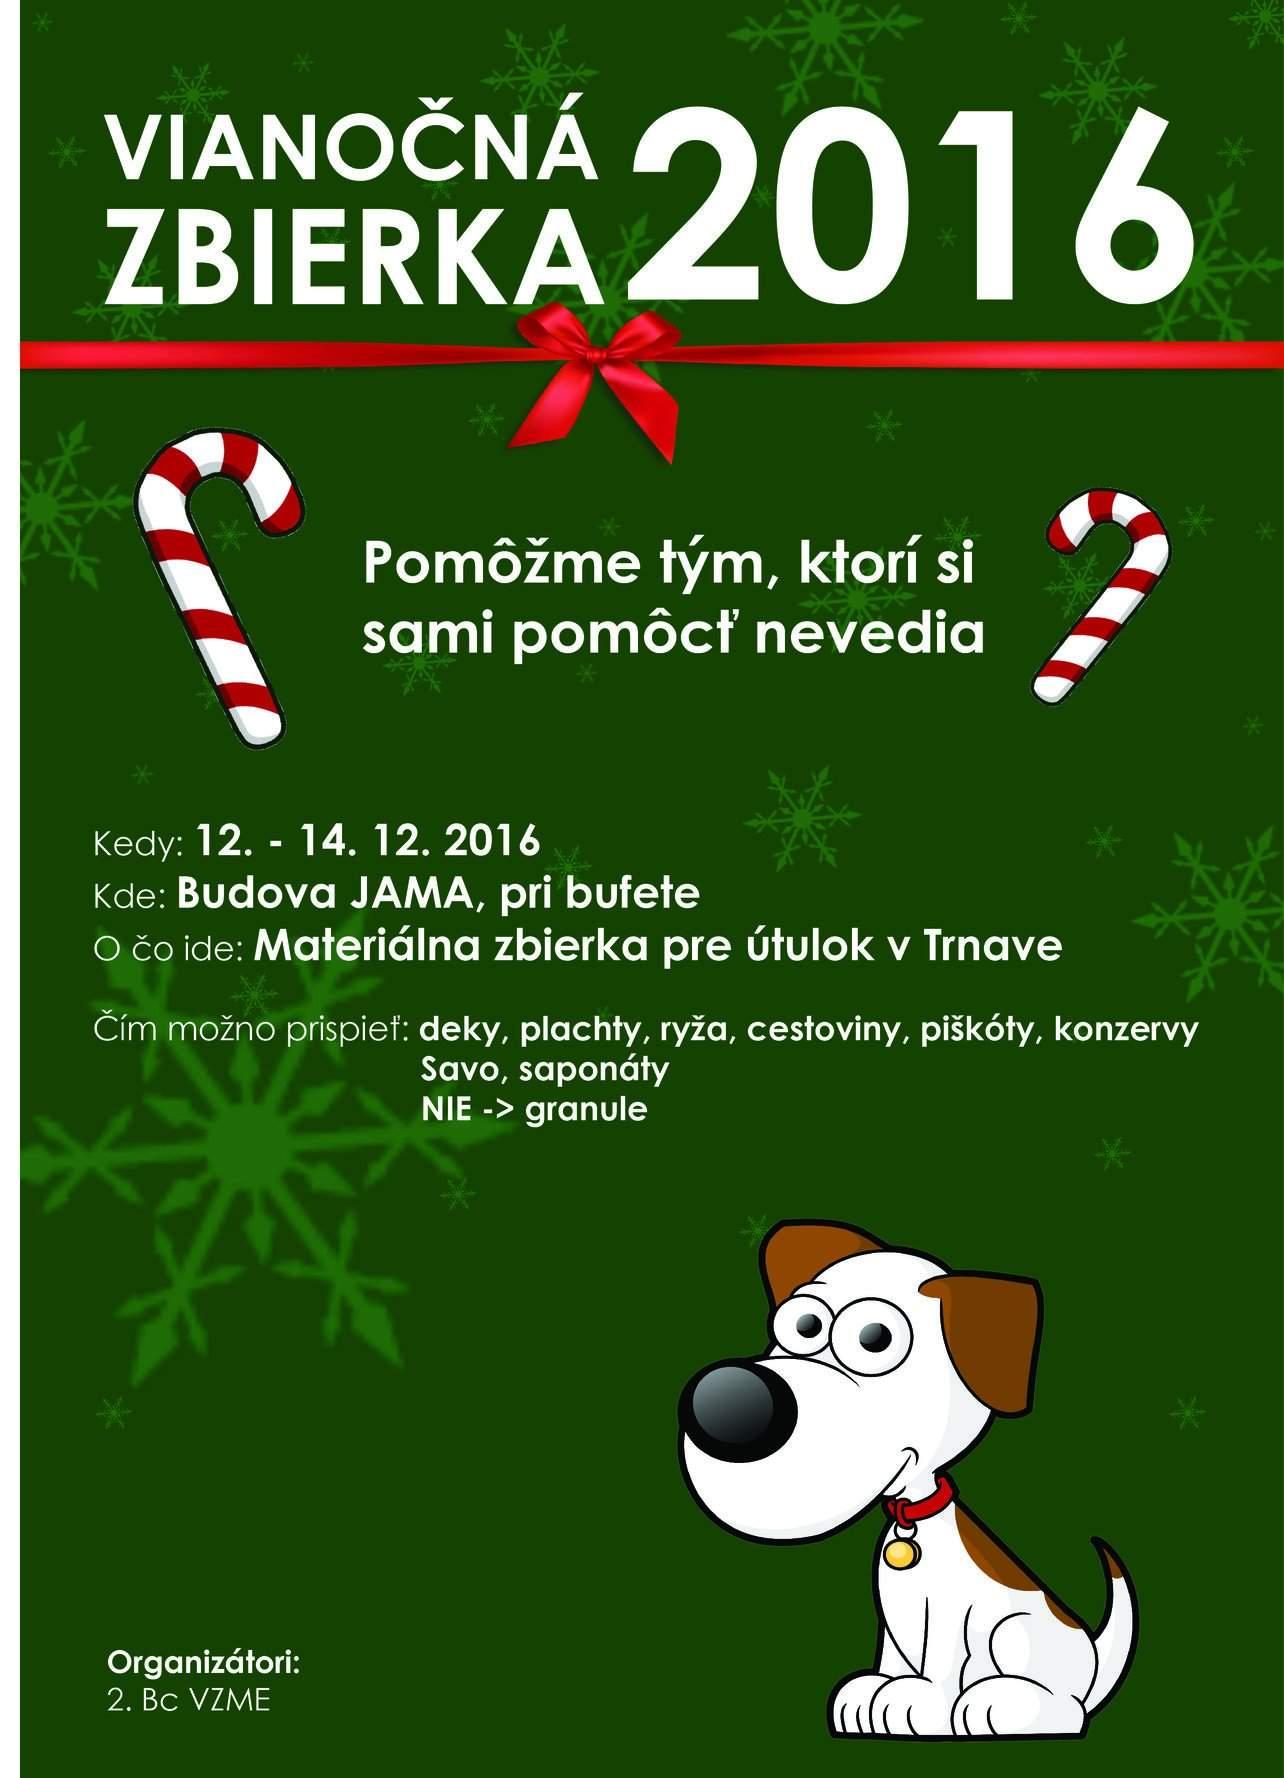 Vianočná zbierka pre psí útulok 2016 - plagát